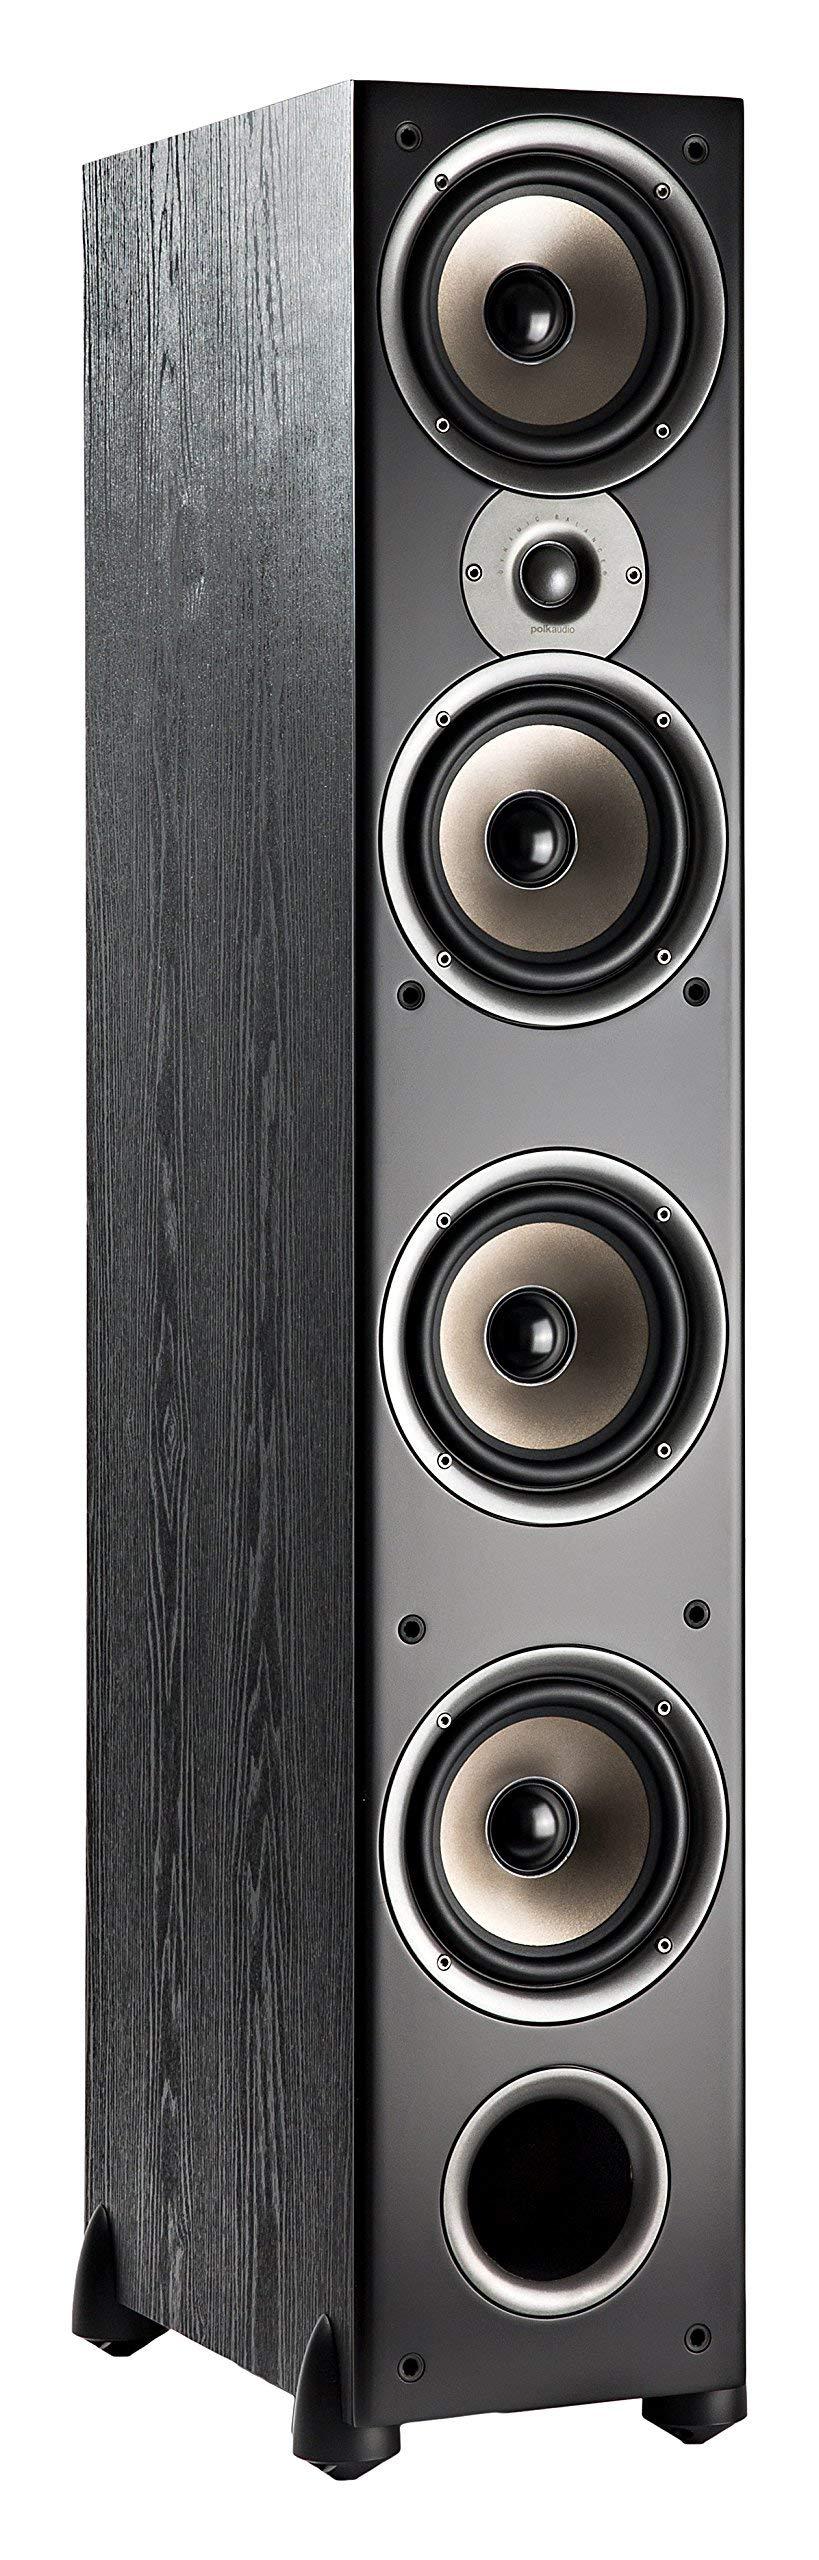 Polk Audio Monitor 70 Series II Floorstanding Speaker - Bestseller for Home Audio | Big Sound, | Incredible Value | 1 (1-inch) Tweeter and 4 (6.5-inch) Woofers | Black, Single (Renewed)